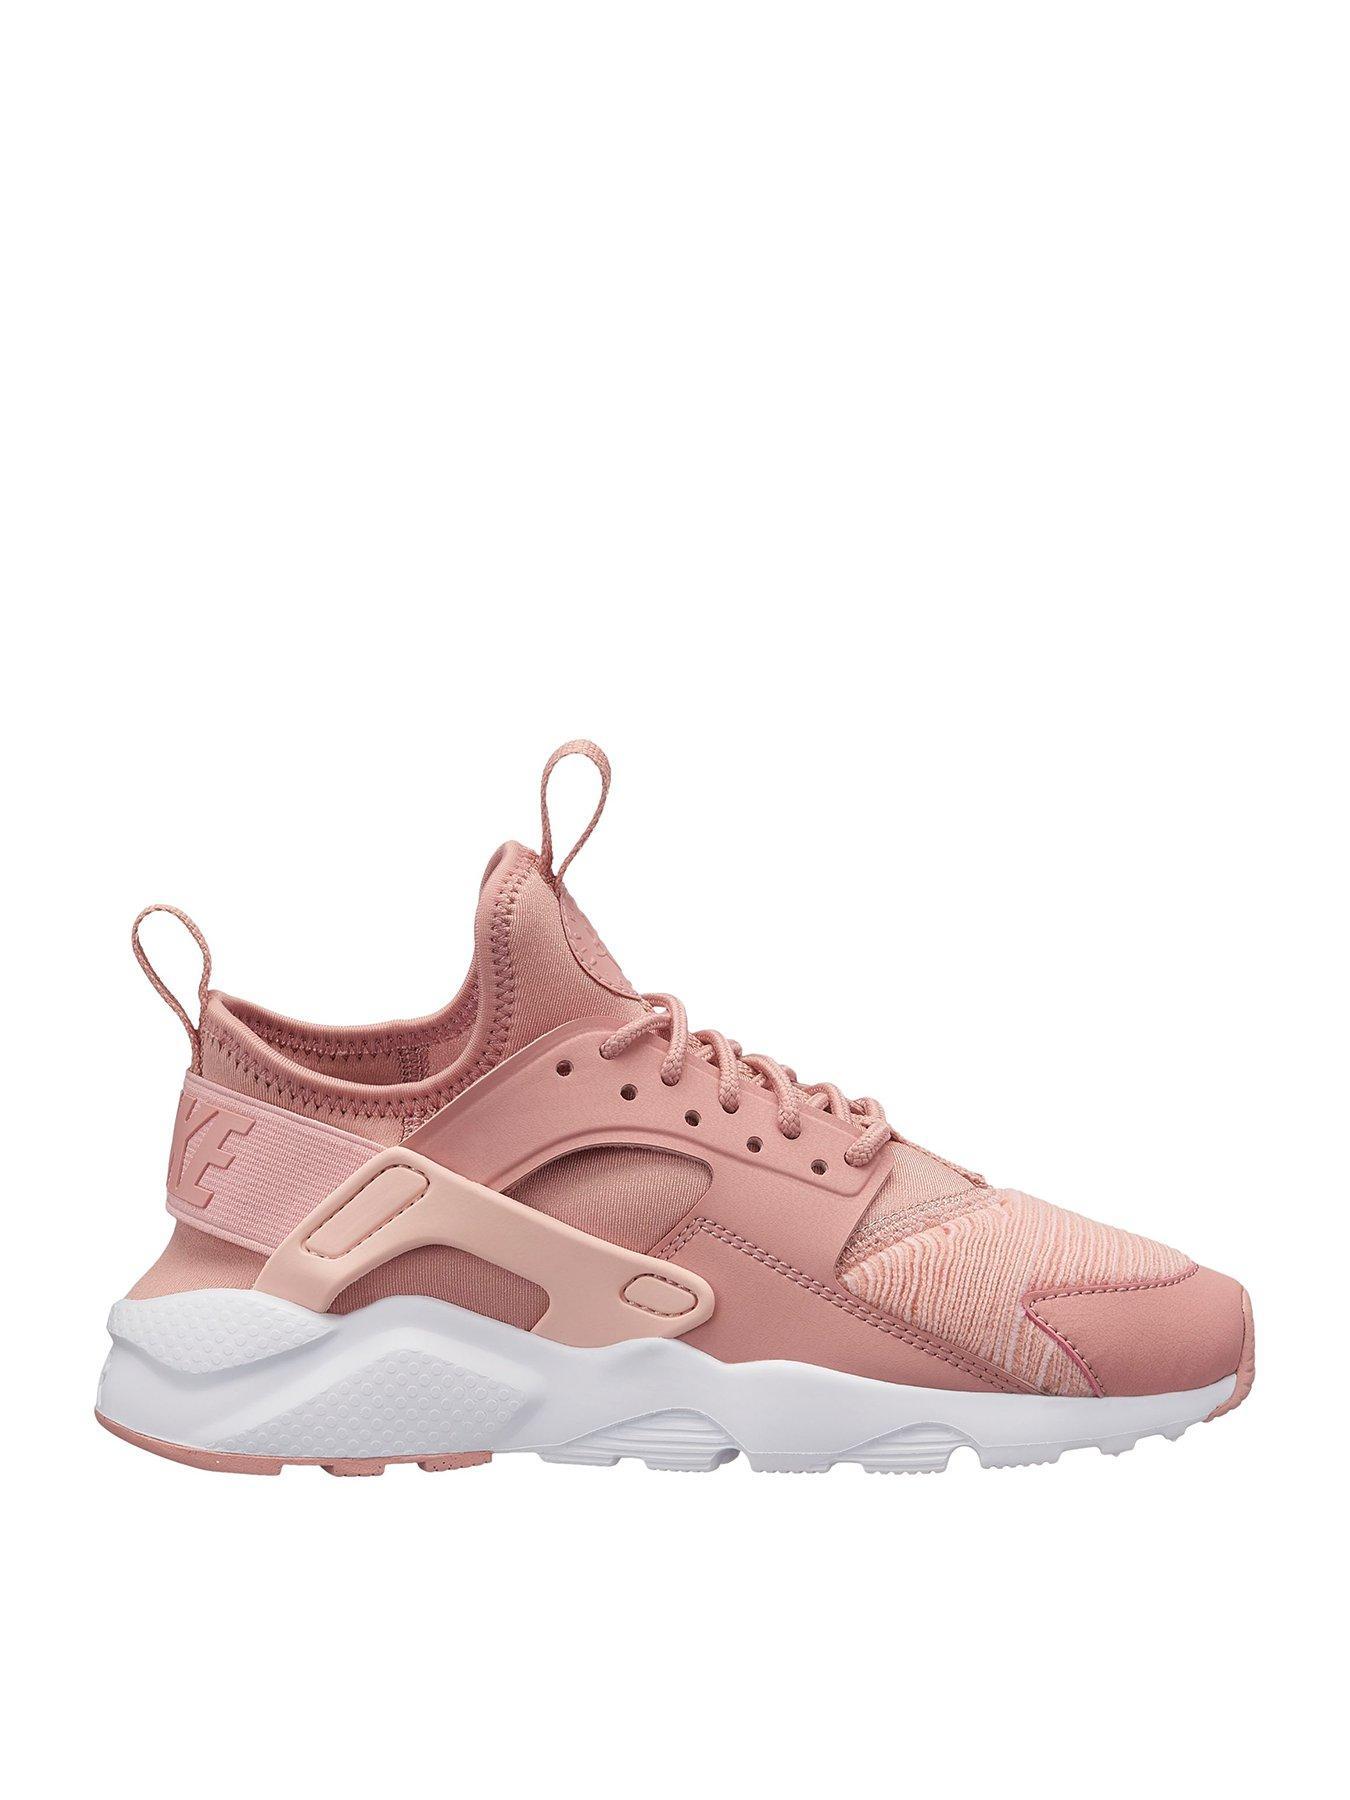 nike air huarache junior pink